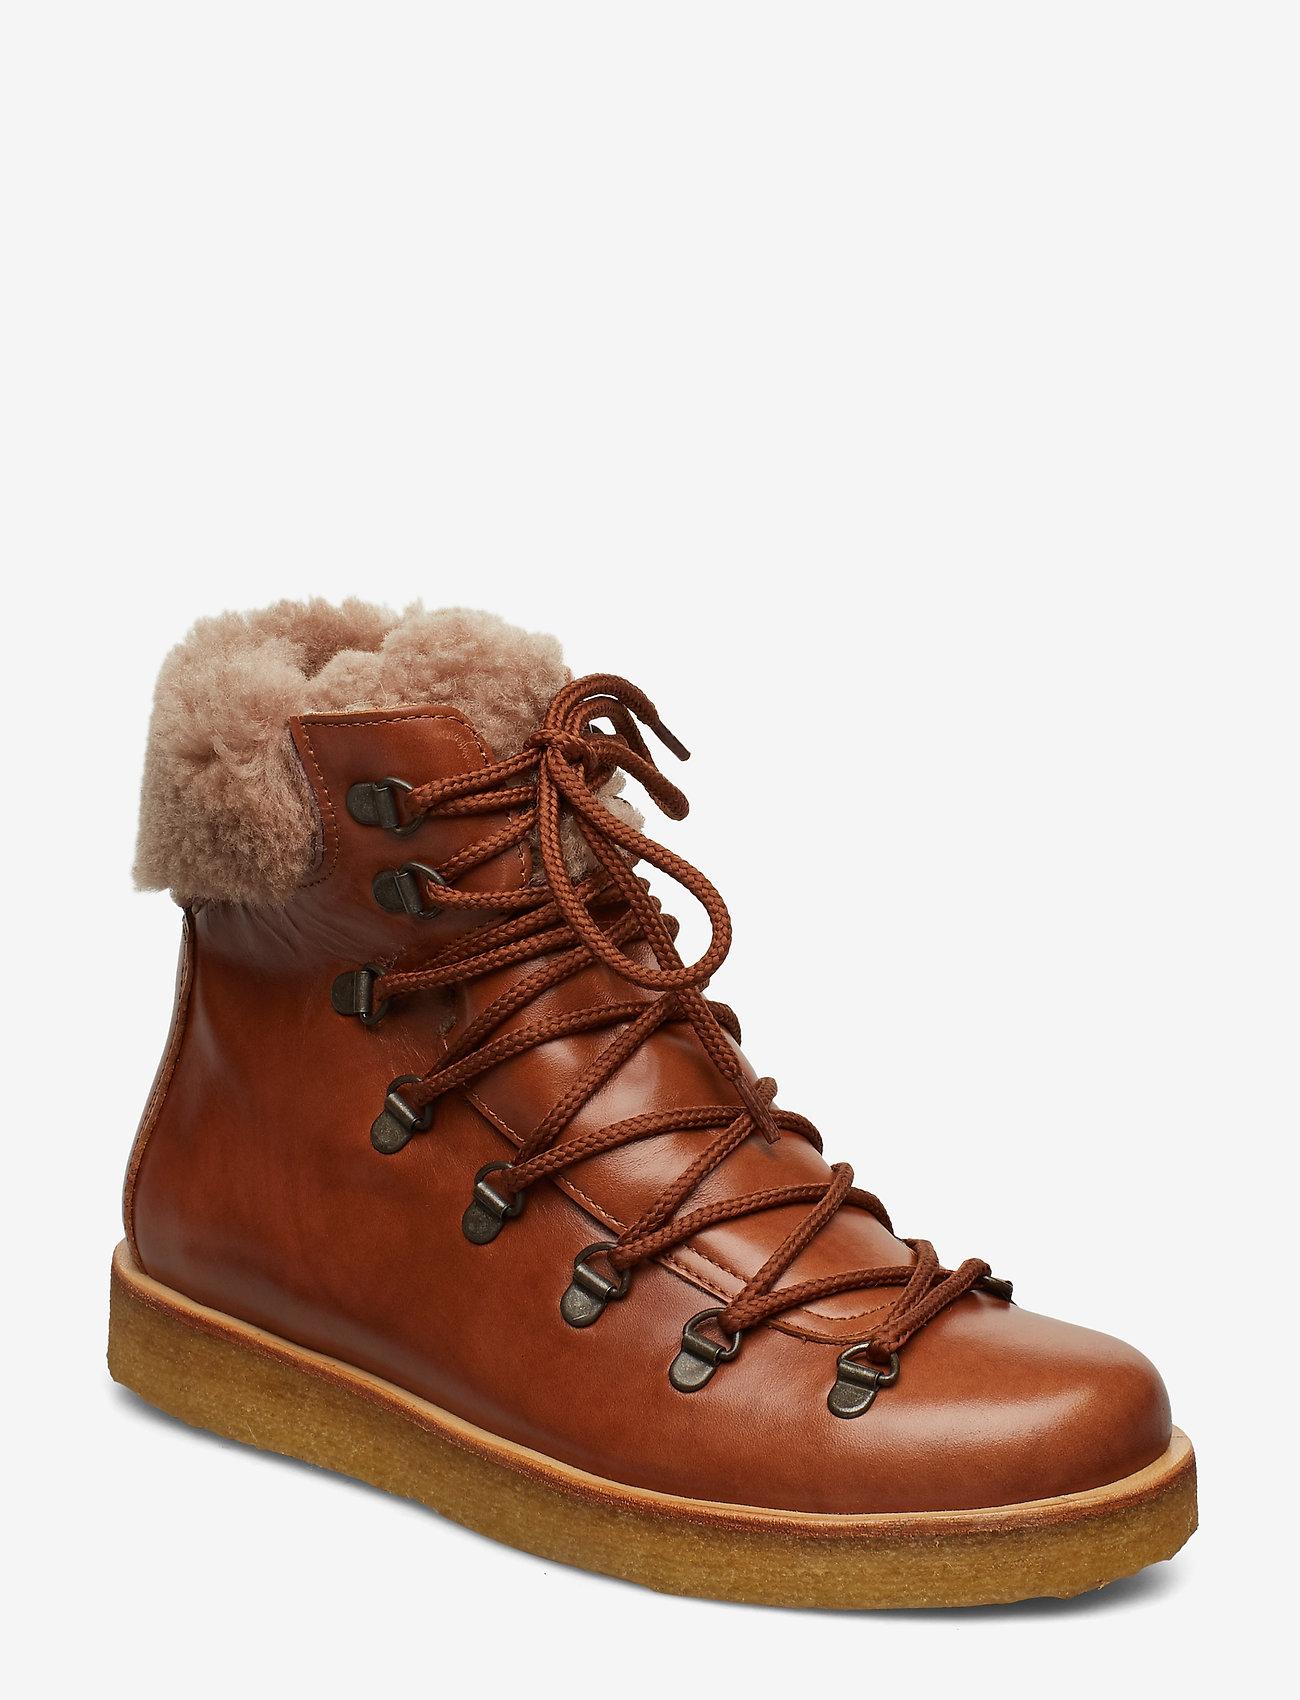 ANGULUS - Boots - flat - with laces - platte enkellaarsjes - 1838/2019 cognac/cognac lamb w - 0